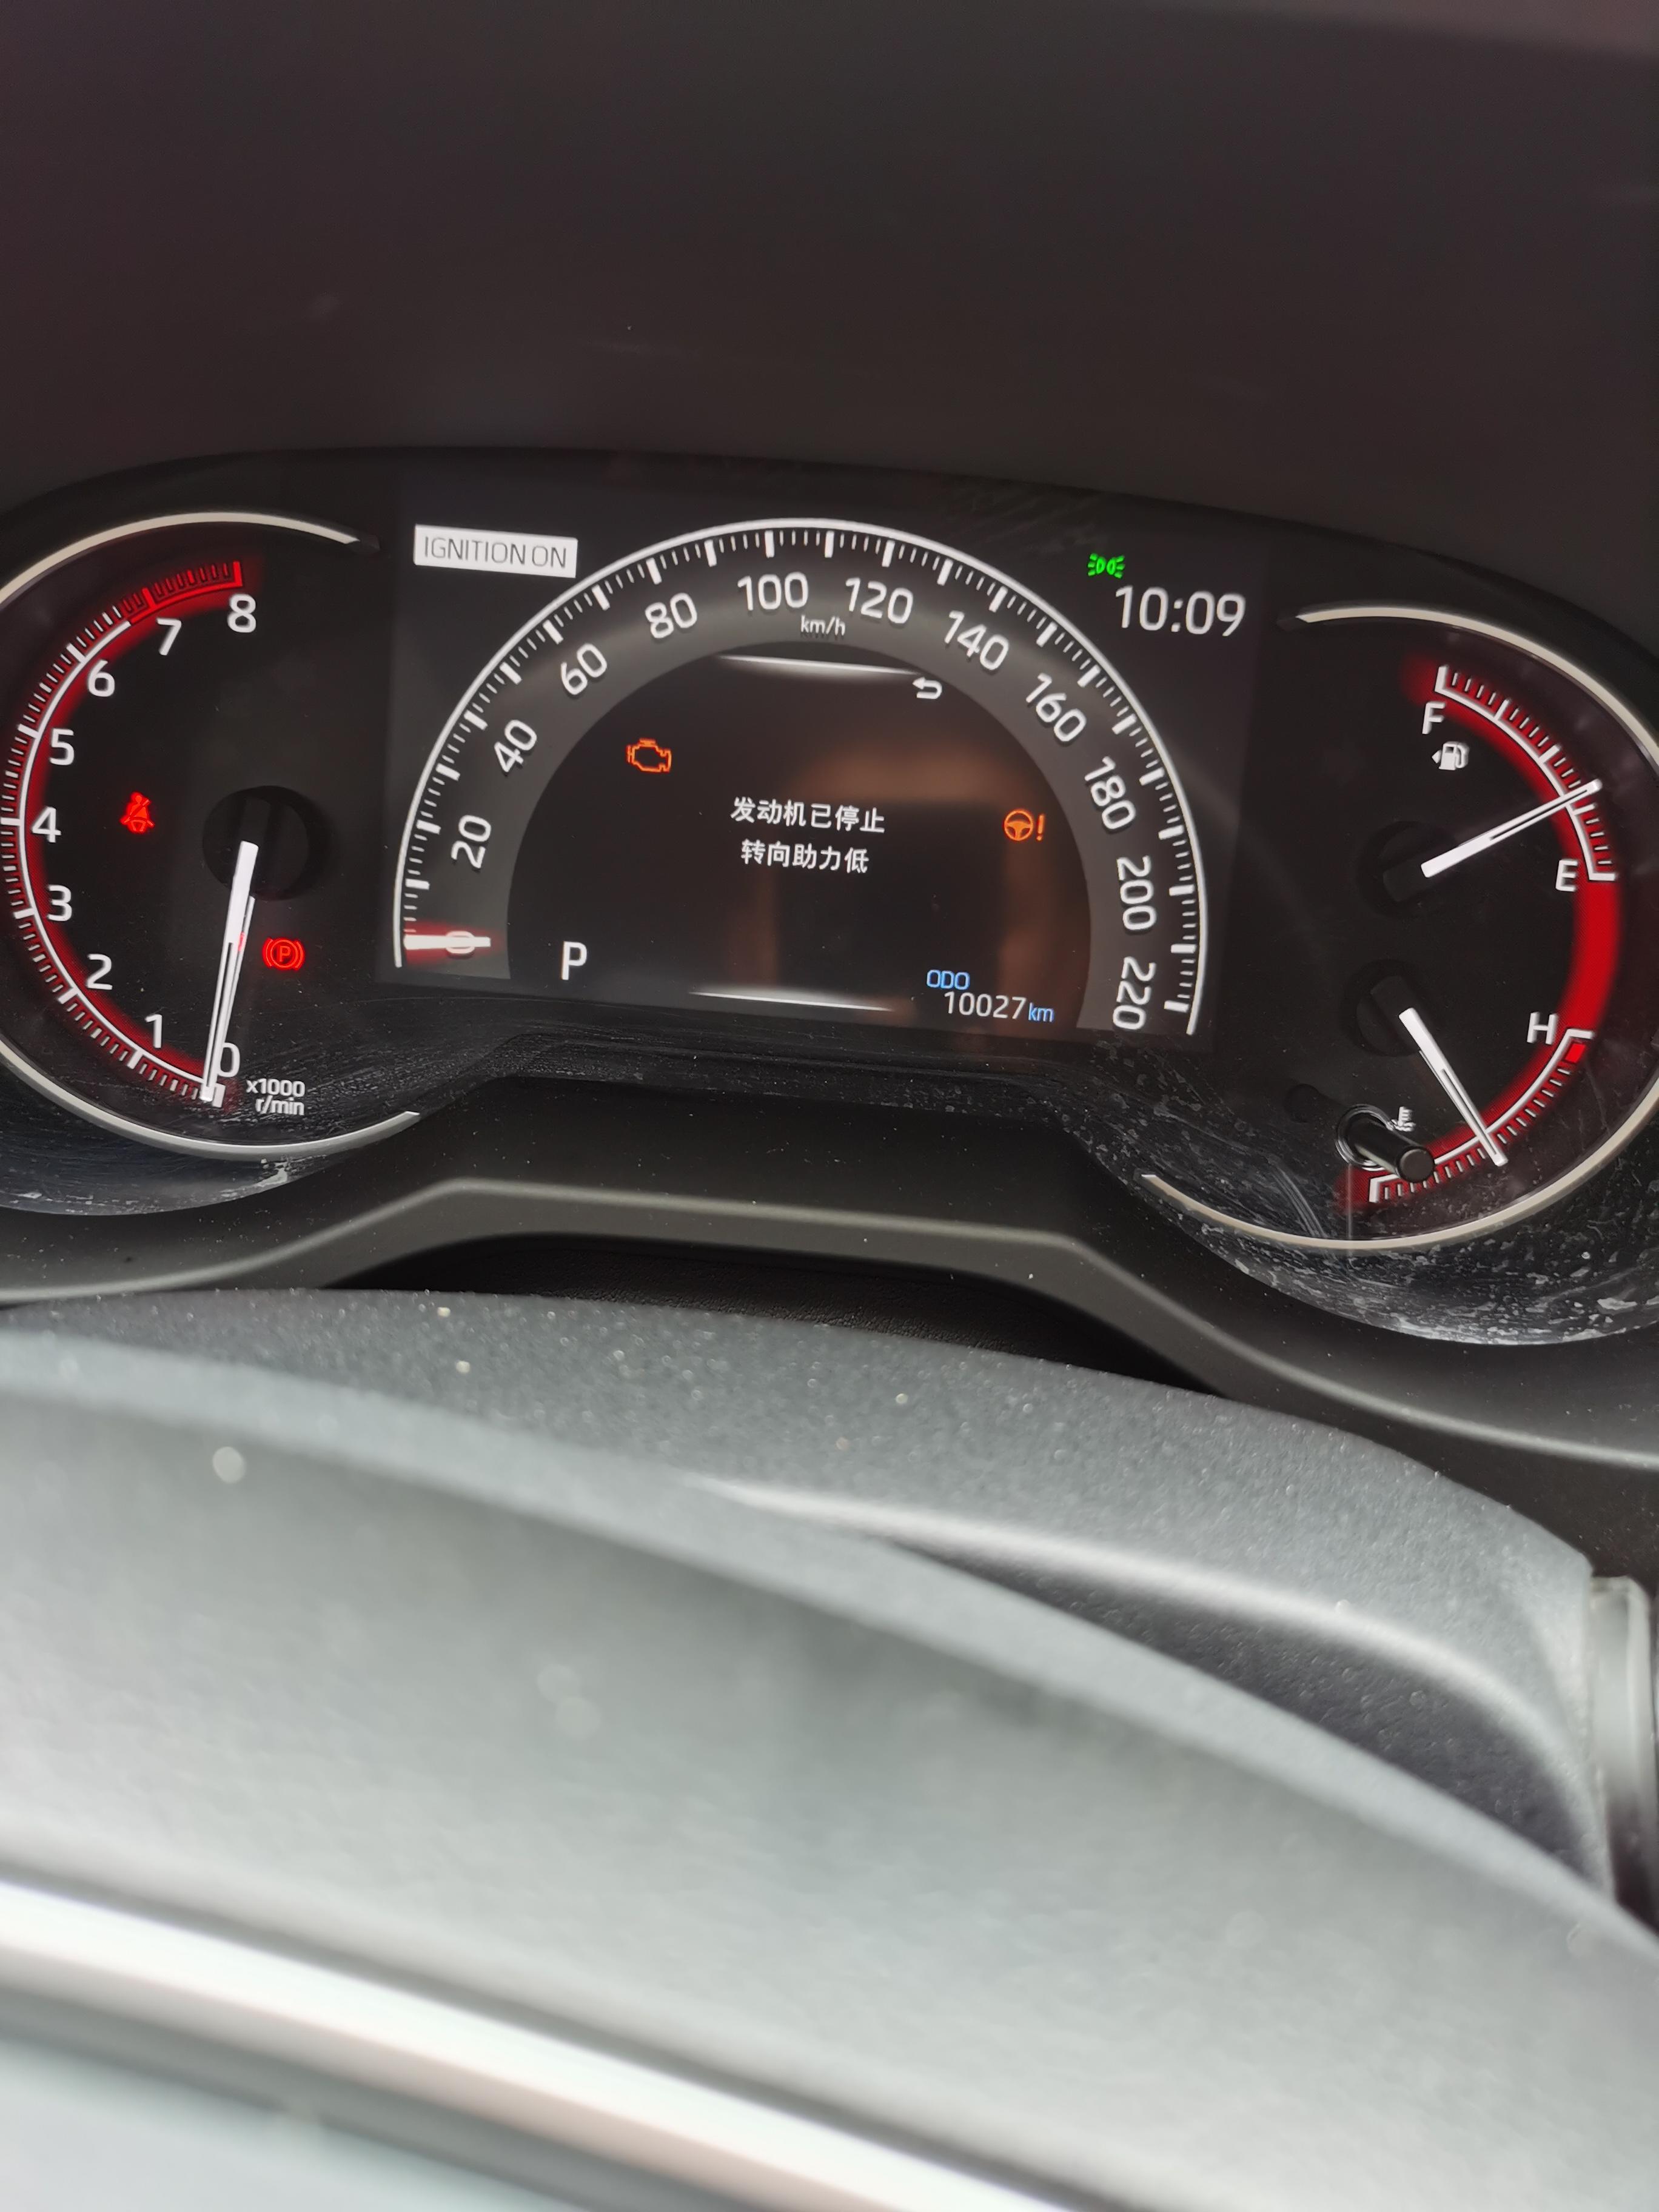 一汽丰田-RAV4荣放车辆启动后出现自动熄火的情况